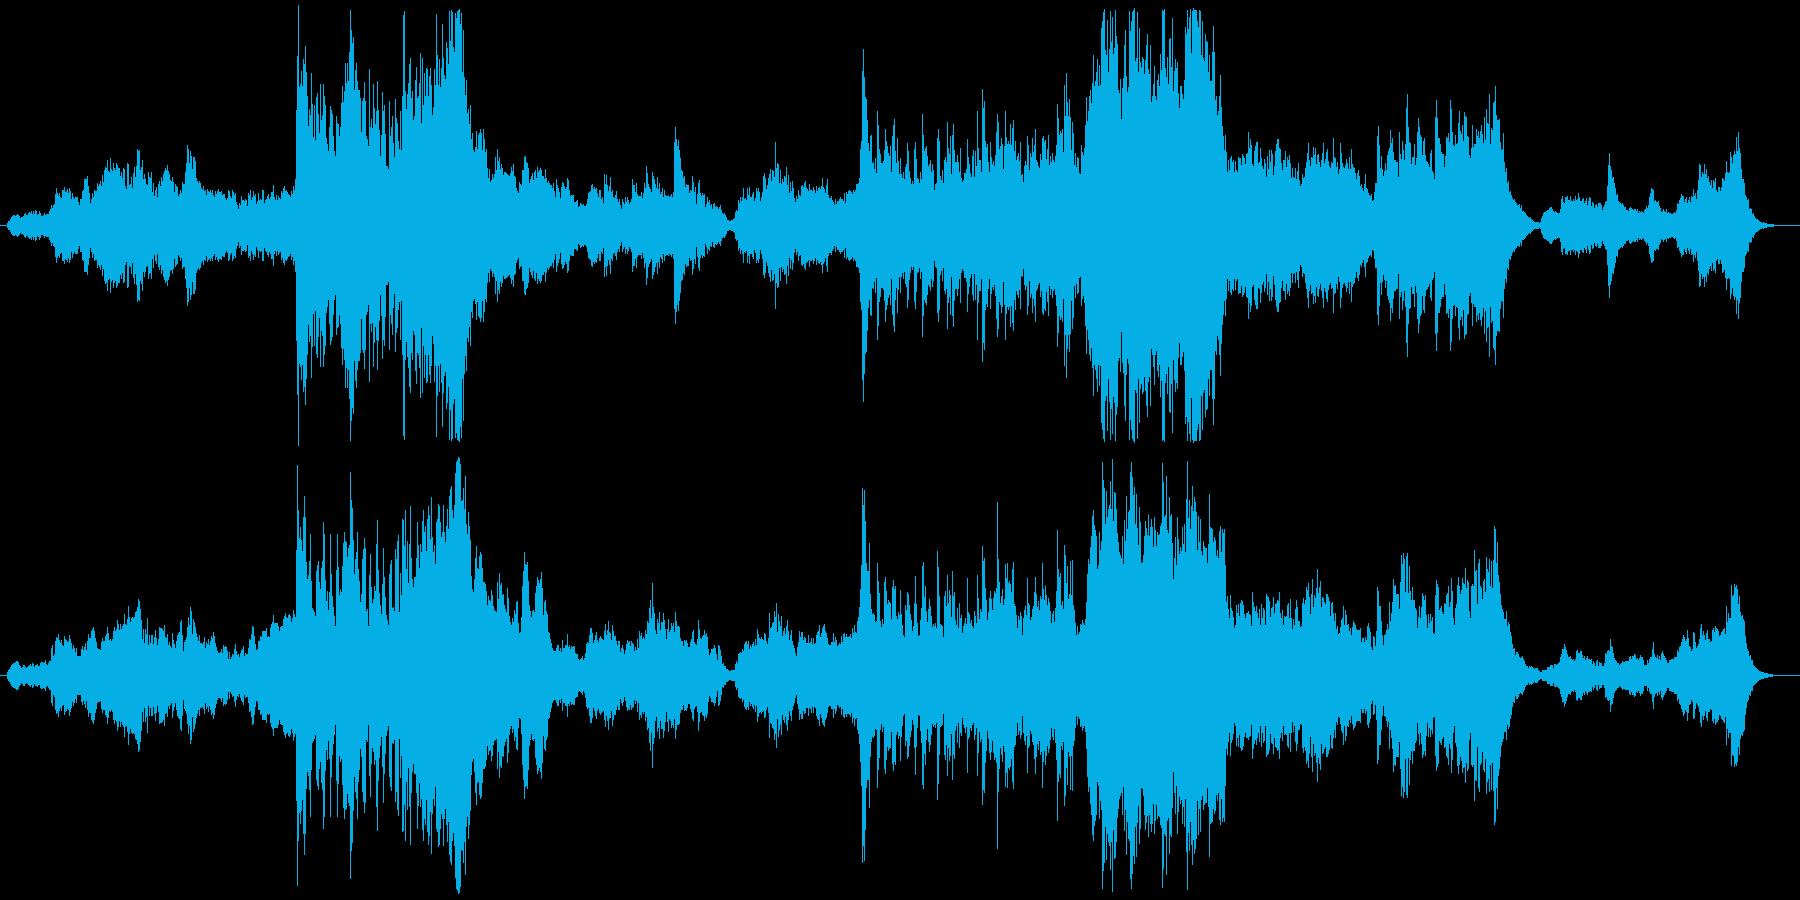 ファンタジーな世界に誘う曲の再生済みの波形